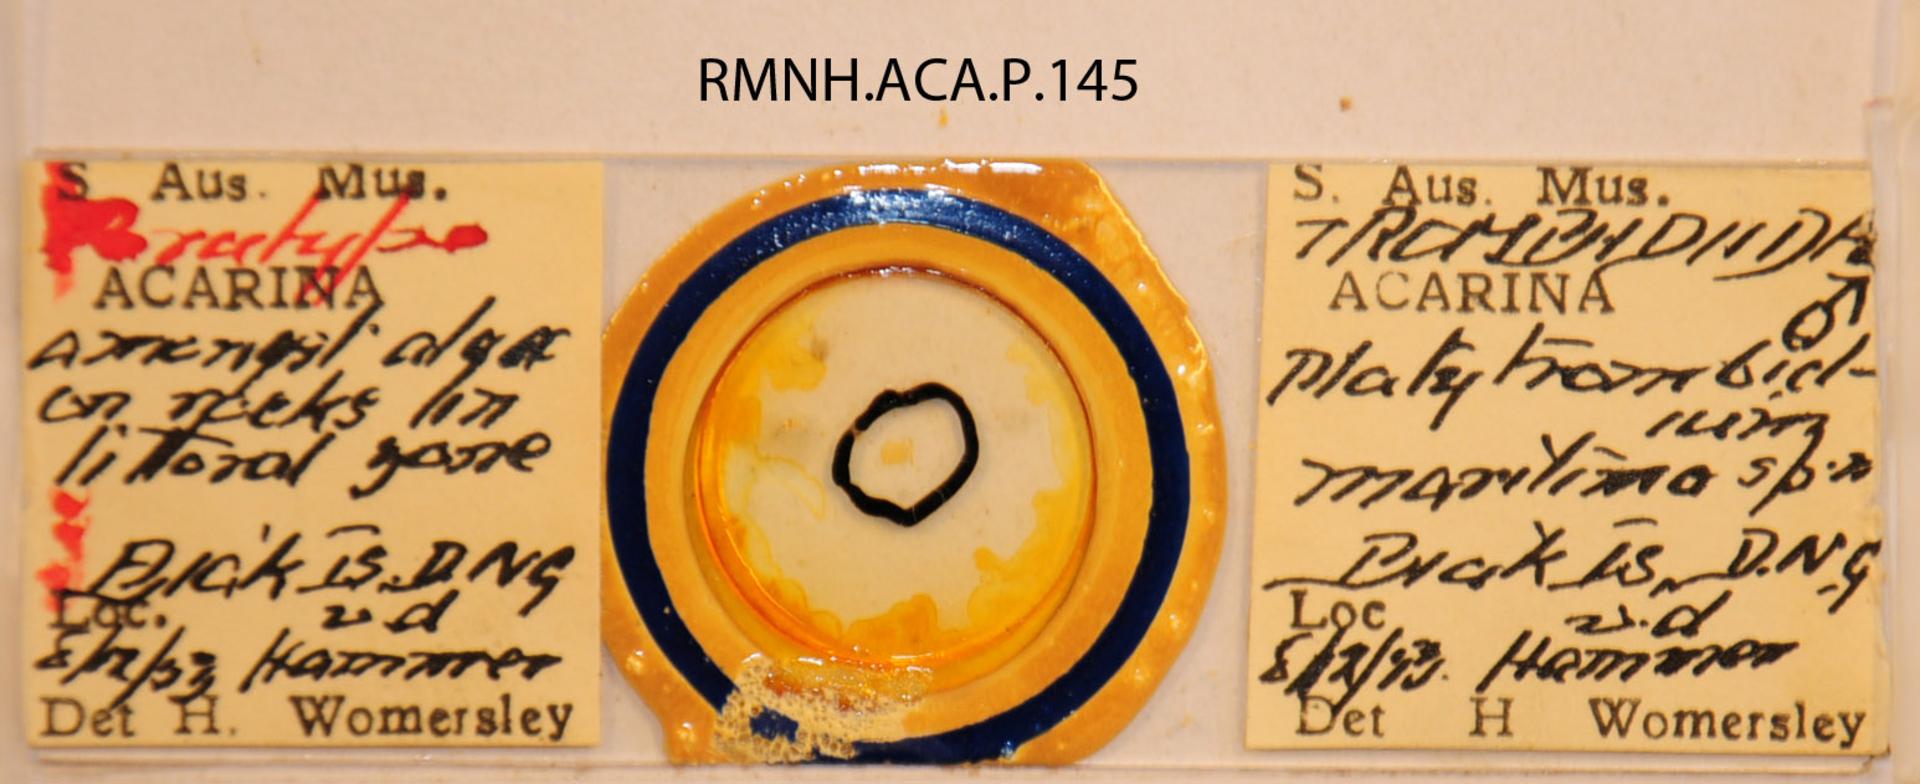 RMNH.ACA.P.145 | Platytrombidium maritimum Womersley